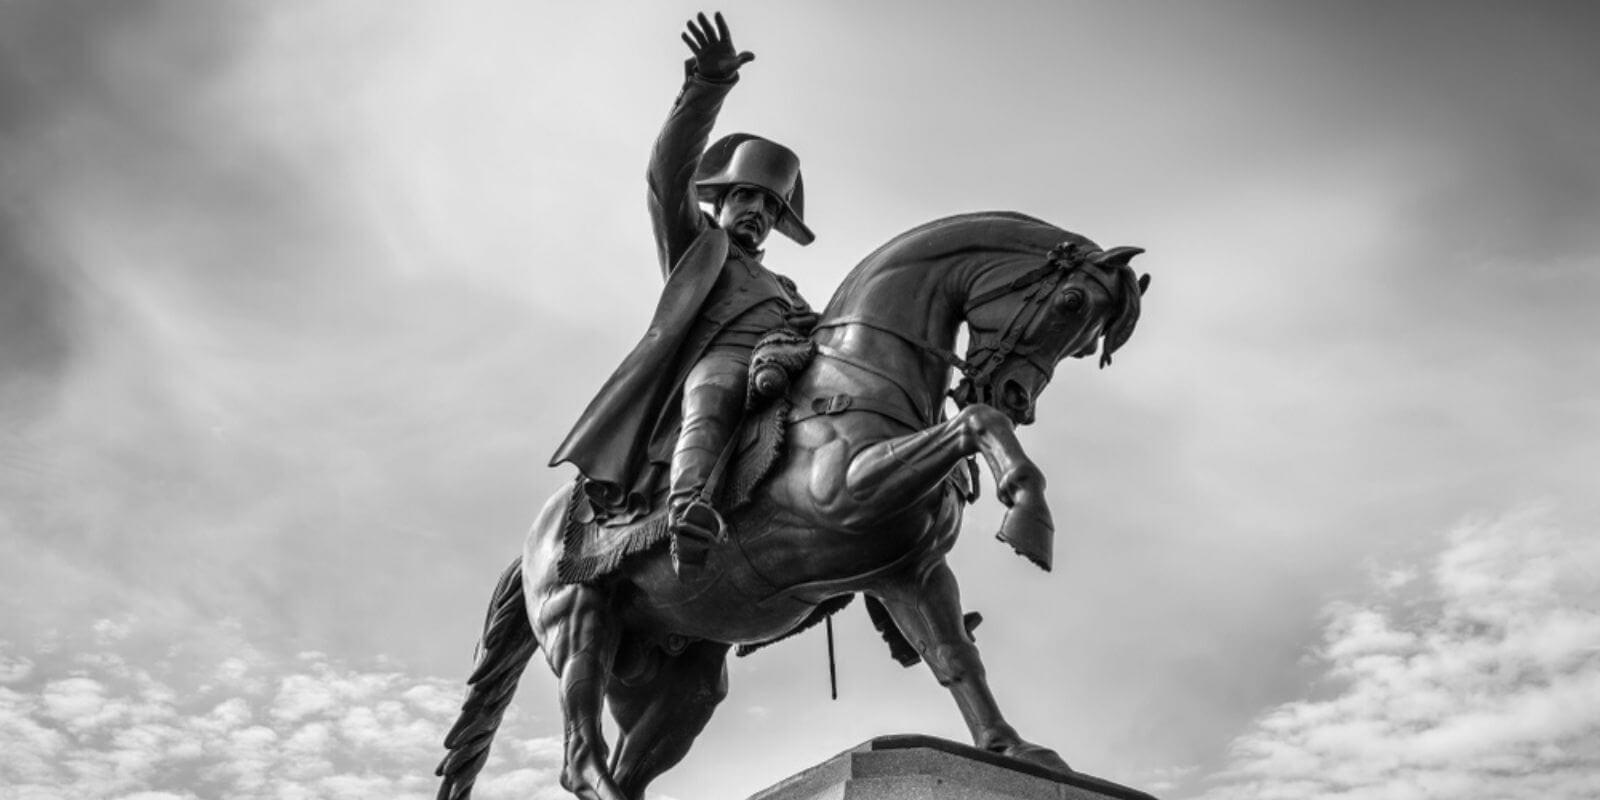 France: Napoleon AM lance le premier fonds crypto régulé par l'AMF